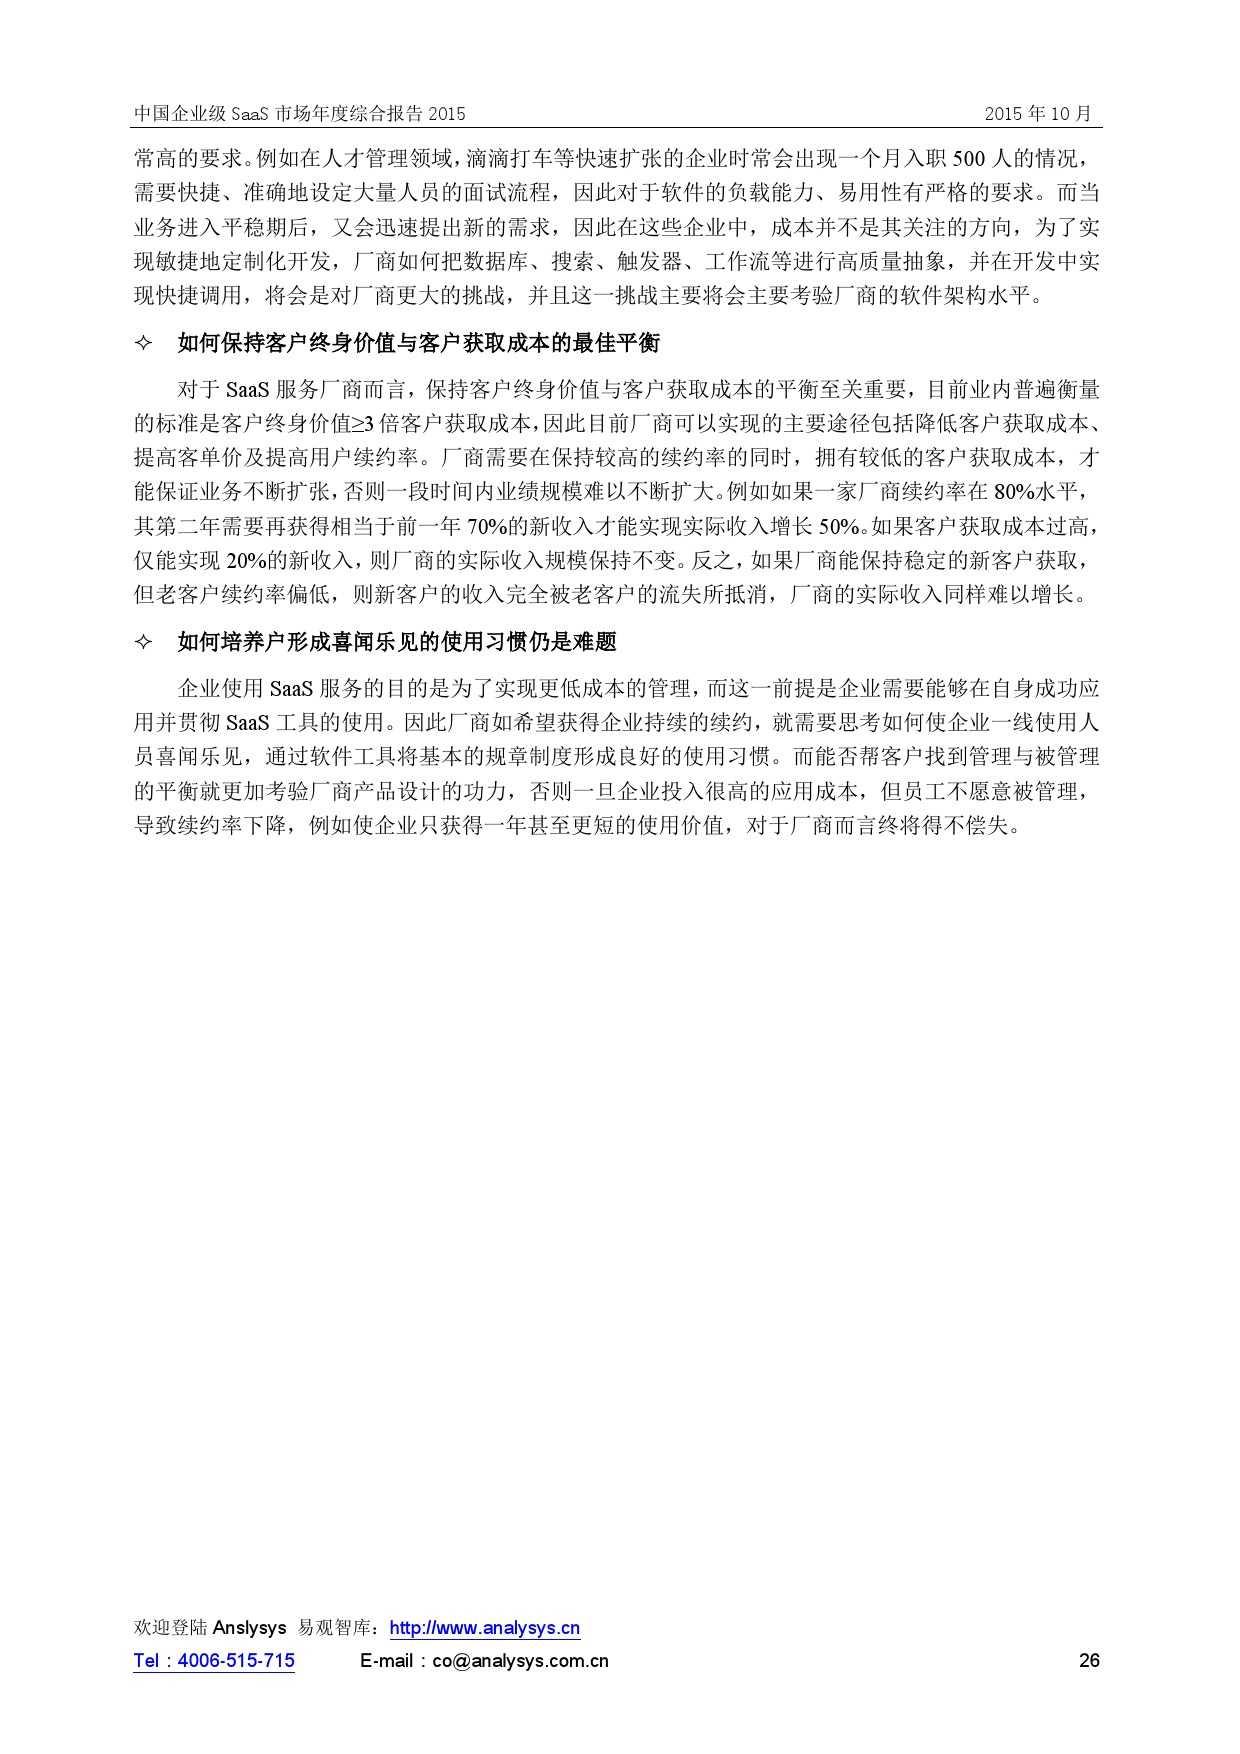 中国企业级SaaS市场年度综合报告2015 01_000026